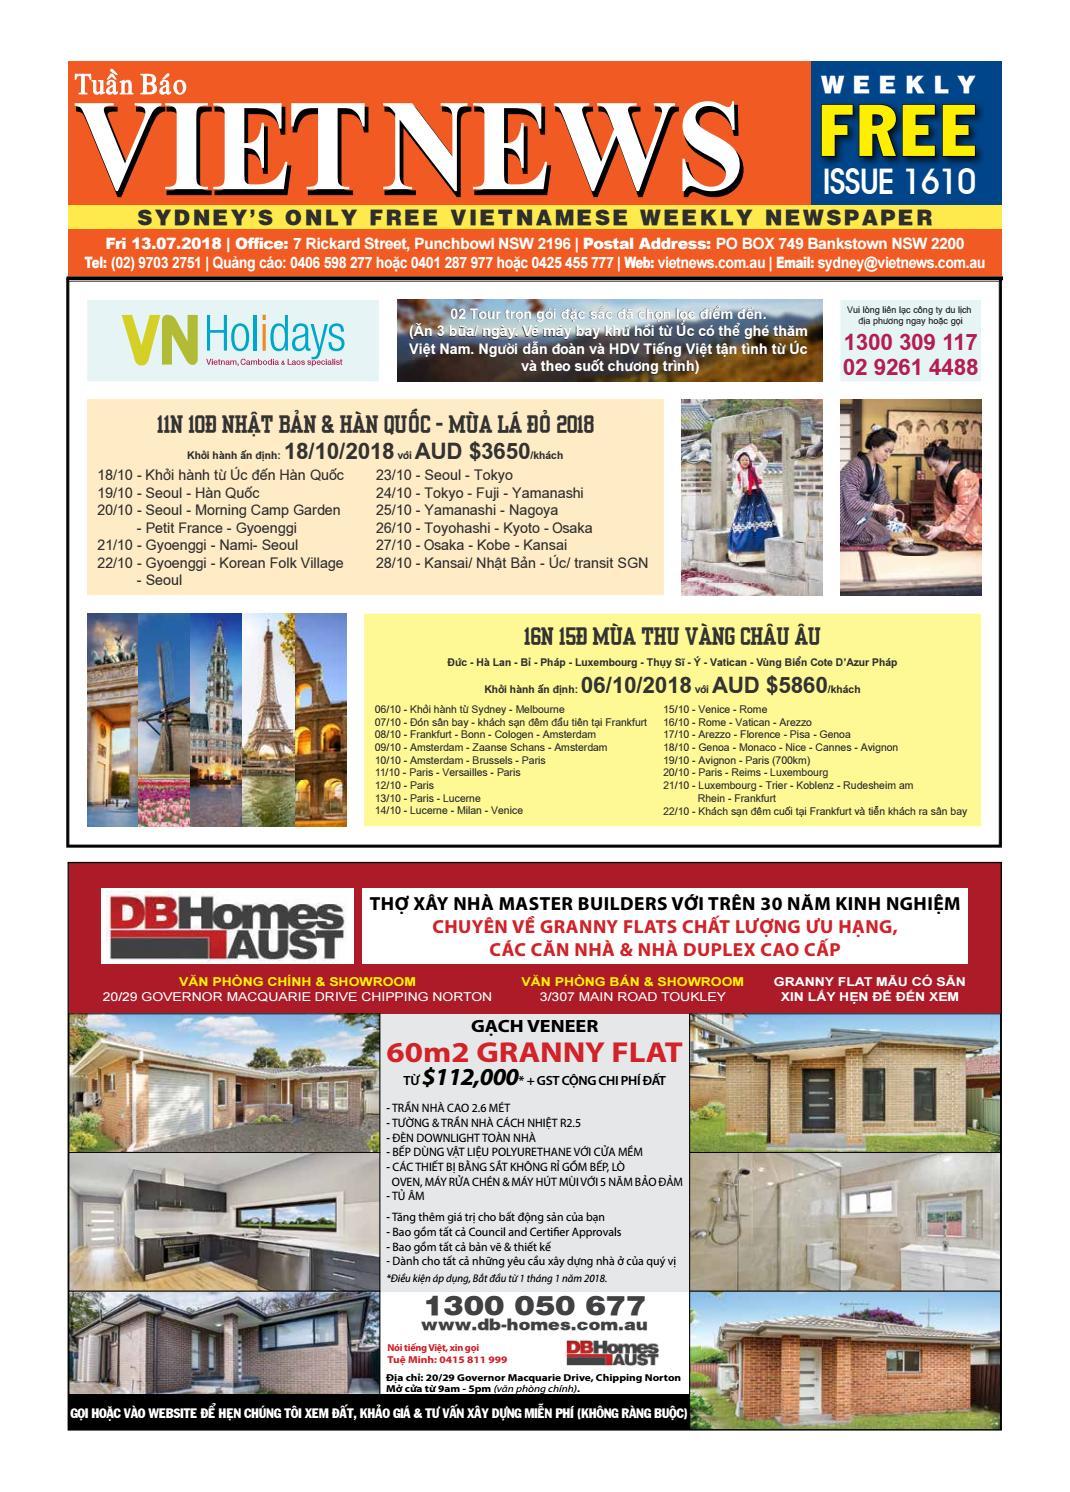 VietNews Sydney 13 07 2018 by VietNews - issuu 4b8d85c27002a